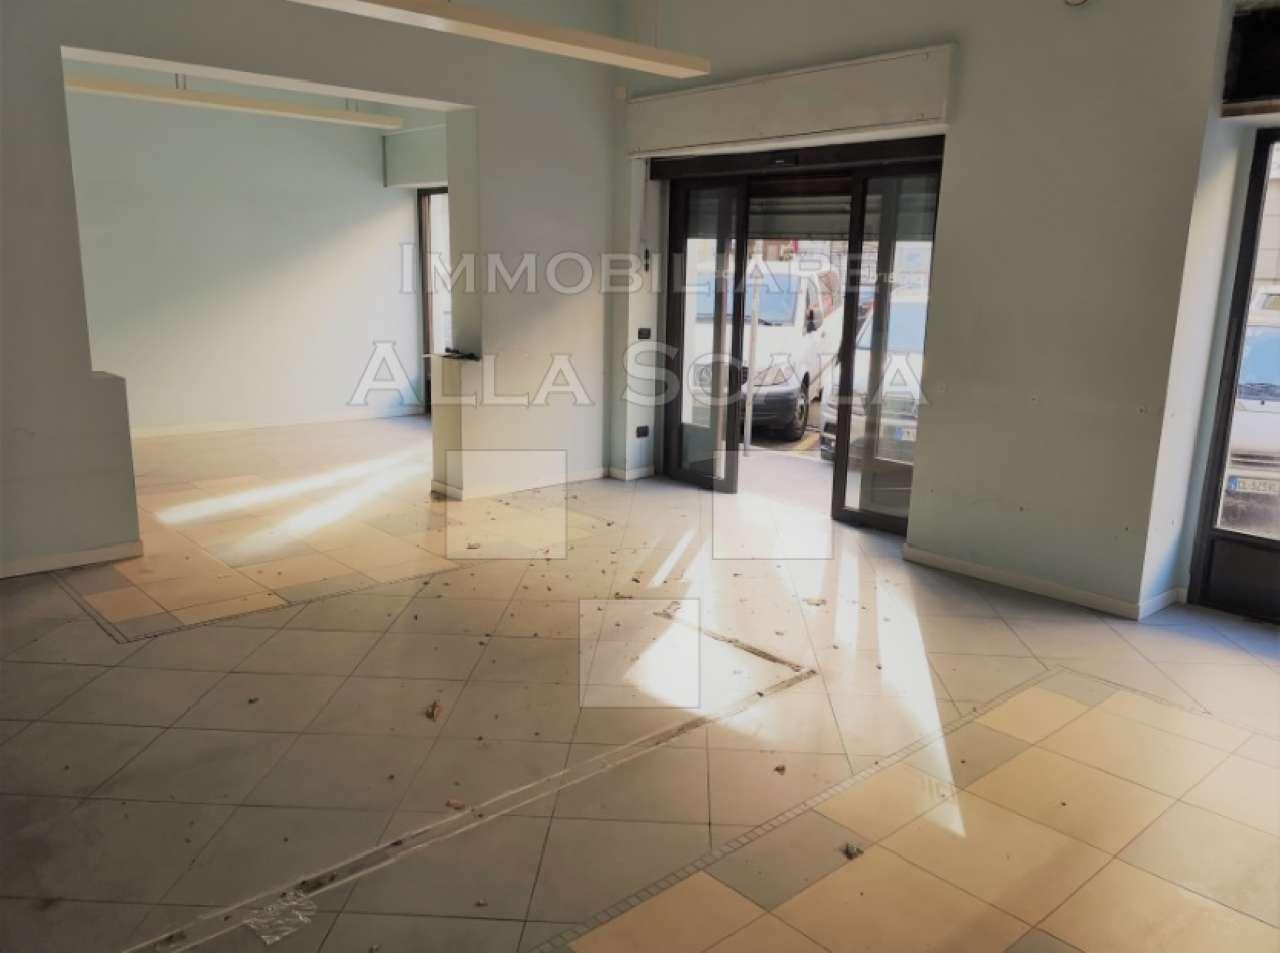 Negozio-locale in Affitto a Milano 01 Centro storico (Cerchia dei Navigli):  2 locali, 280 mq  - Foto 1